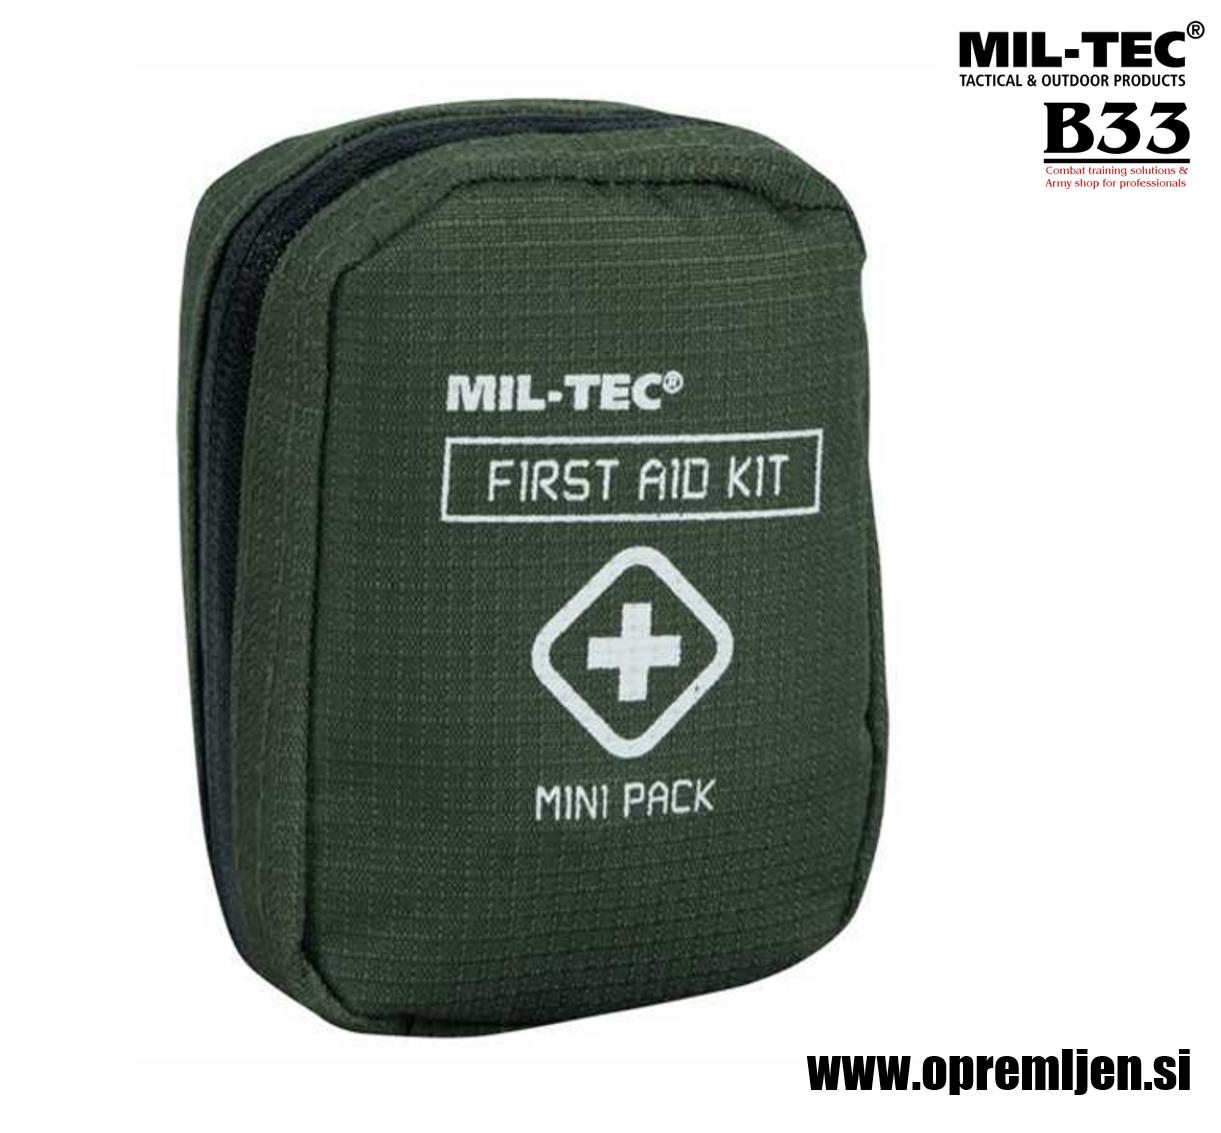 B33 army shop - prva pomoč paket MINI at www.opremljen.si